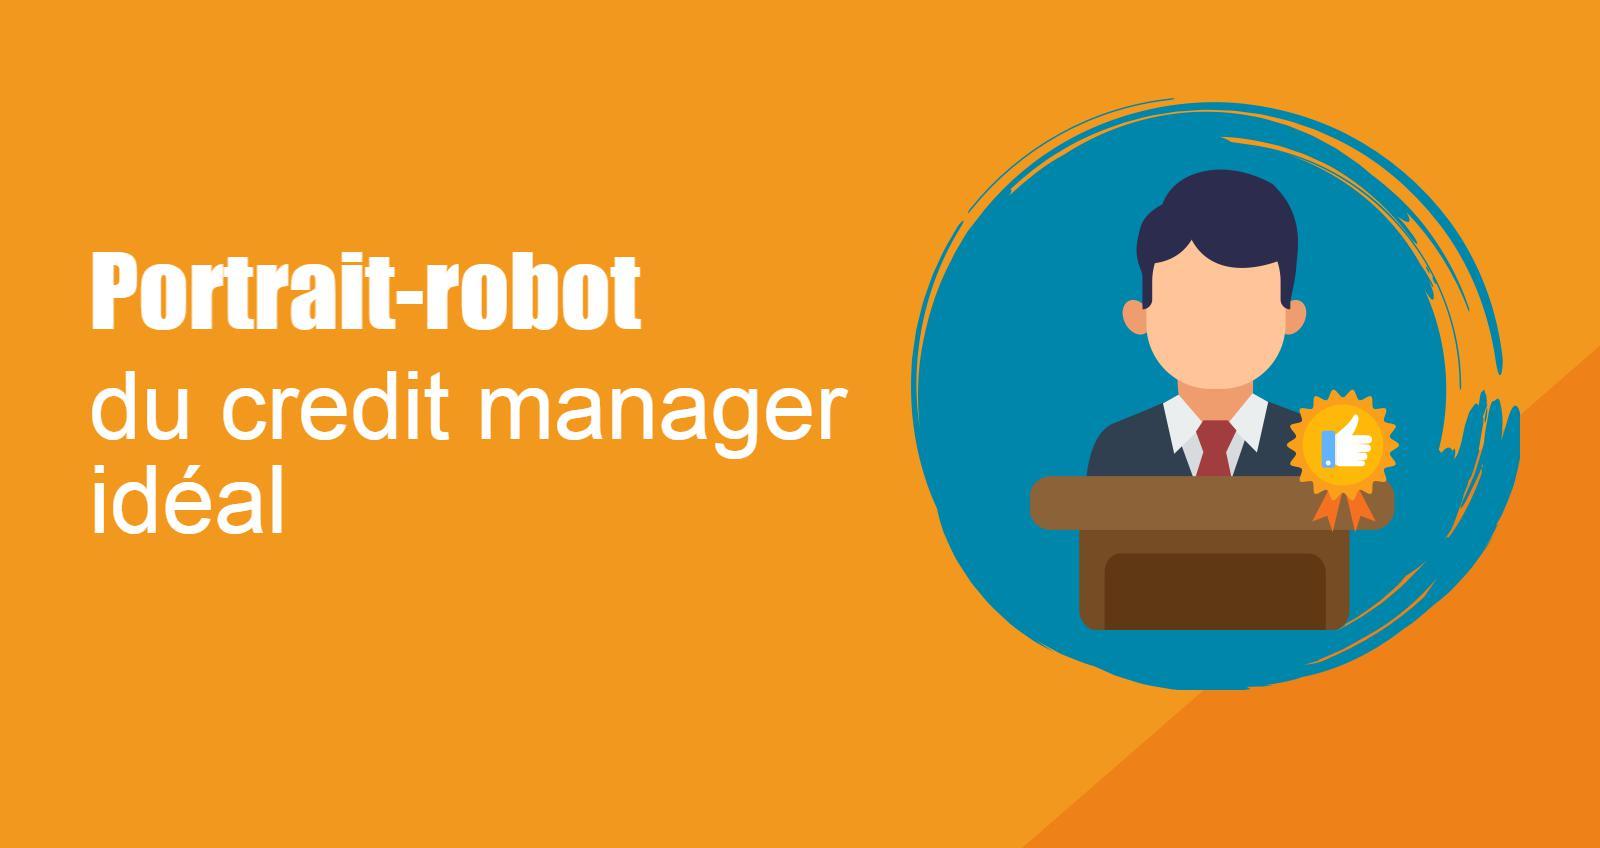 Portrait-robot du credit manager idéal